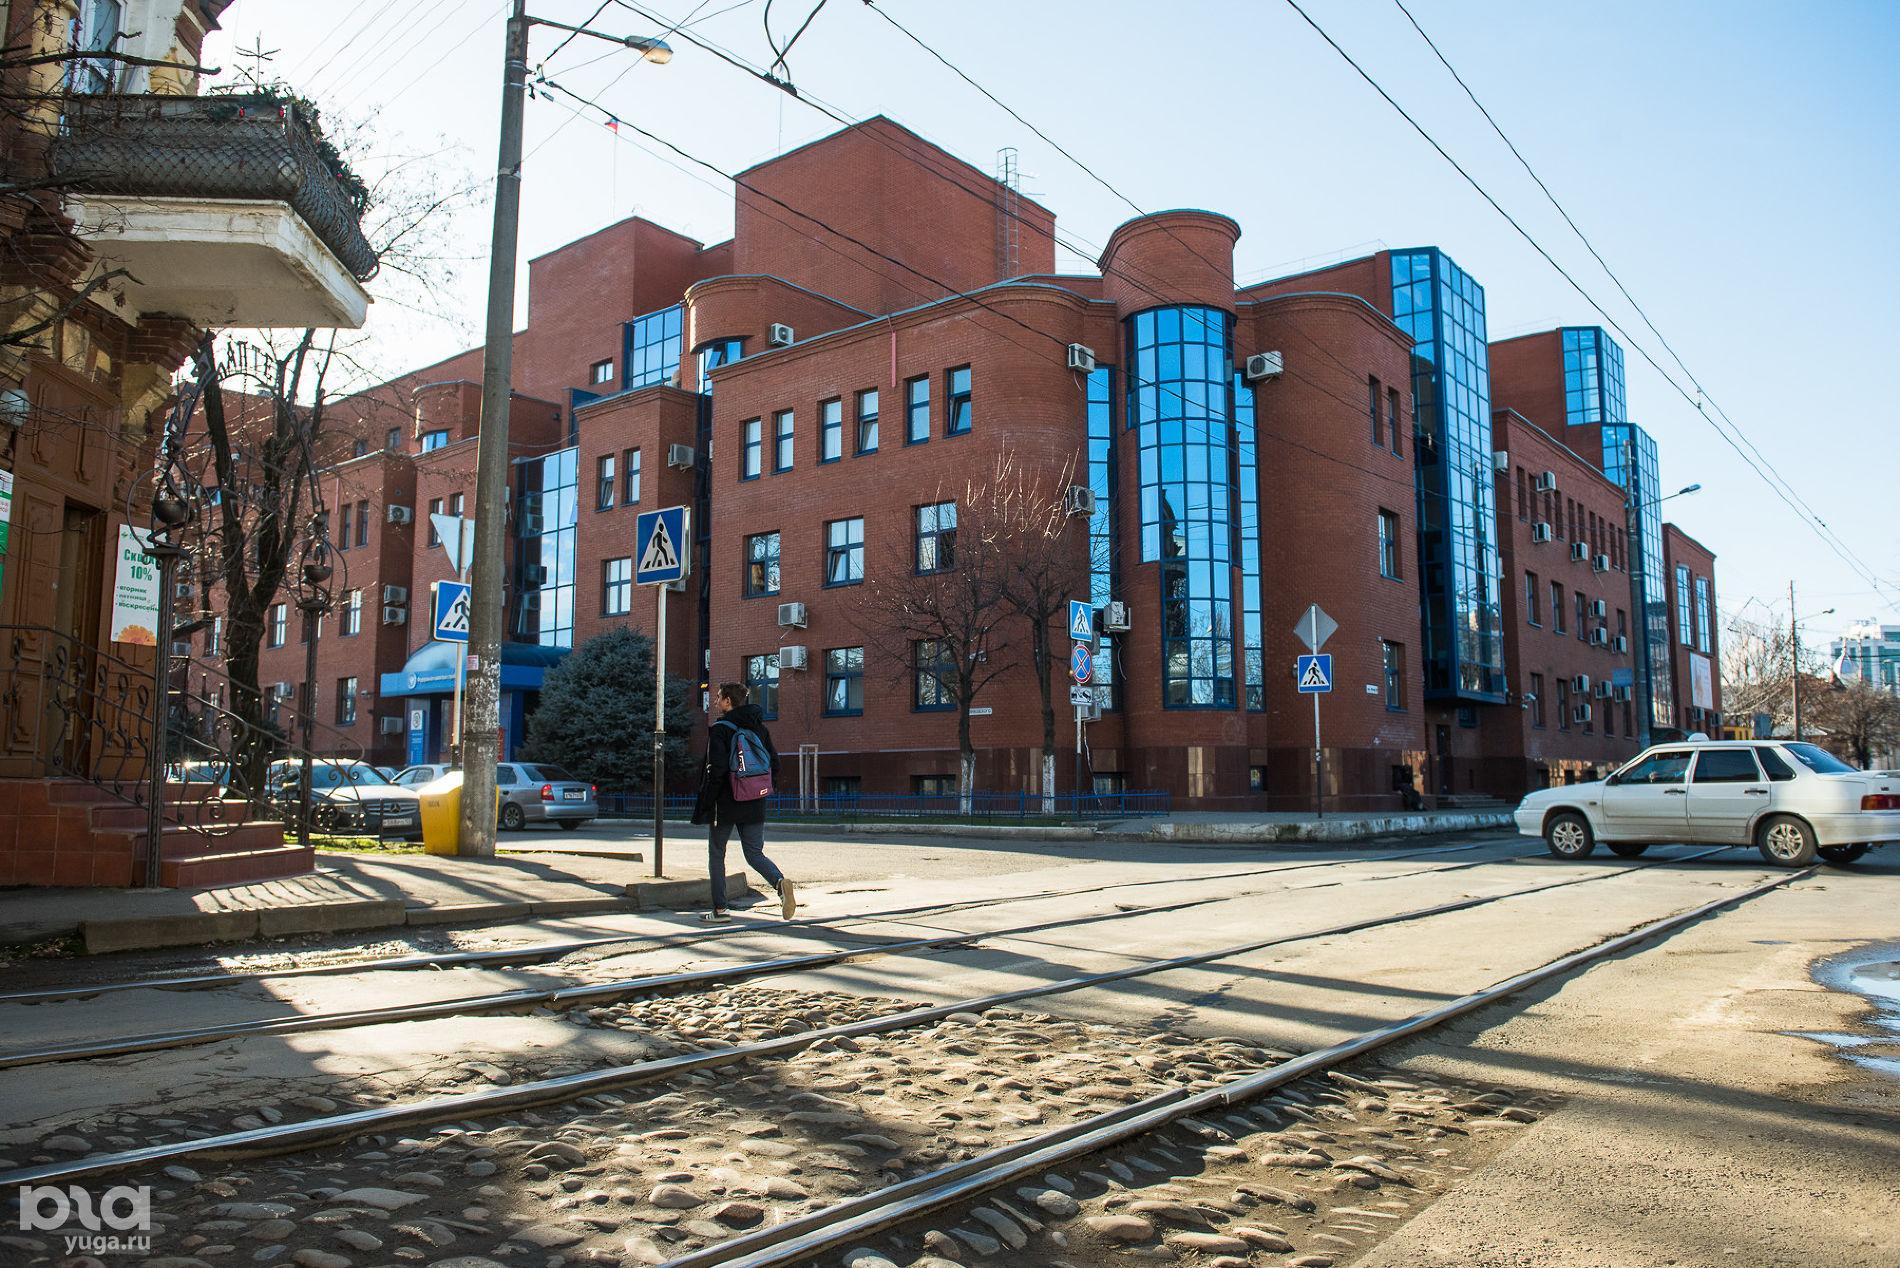 Пересечение улиц Гоголя и Янковского ©Фото Елены Синеок, Юга.ру